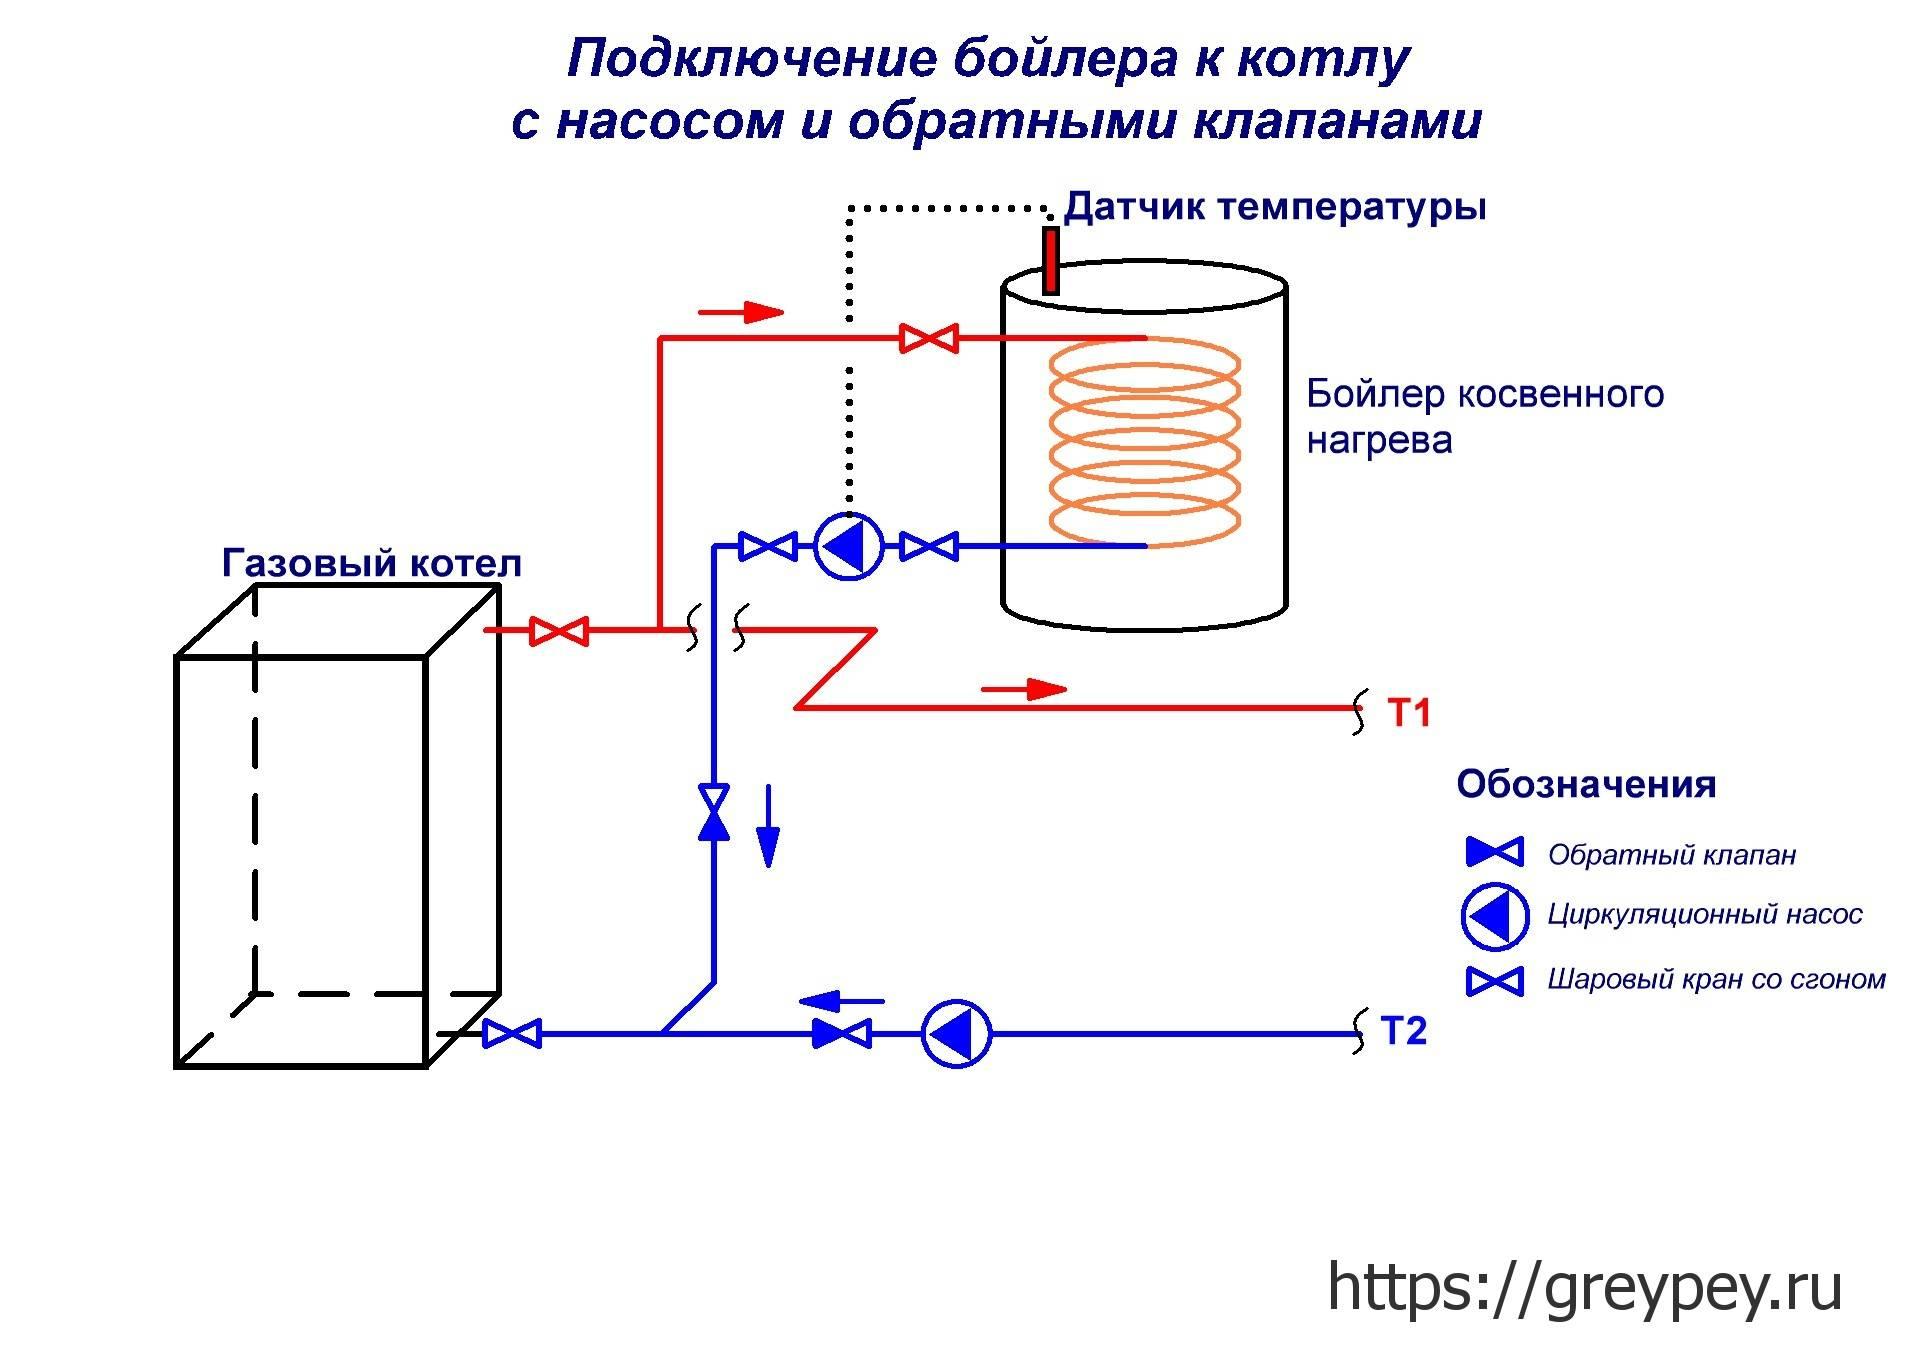 Бойлер косвенного нагрева своими руками - схема подключения к газовому котлу, обвязка, пошаговая инструкция с чертежами + фото и видео